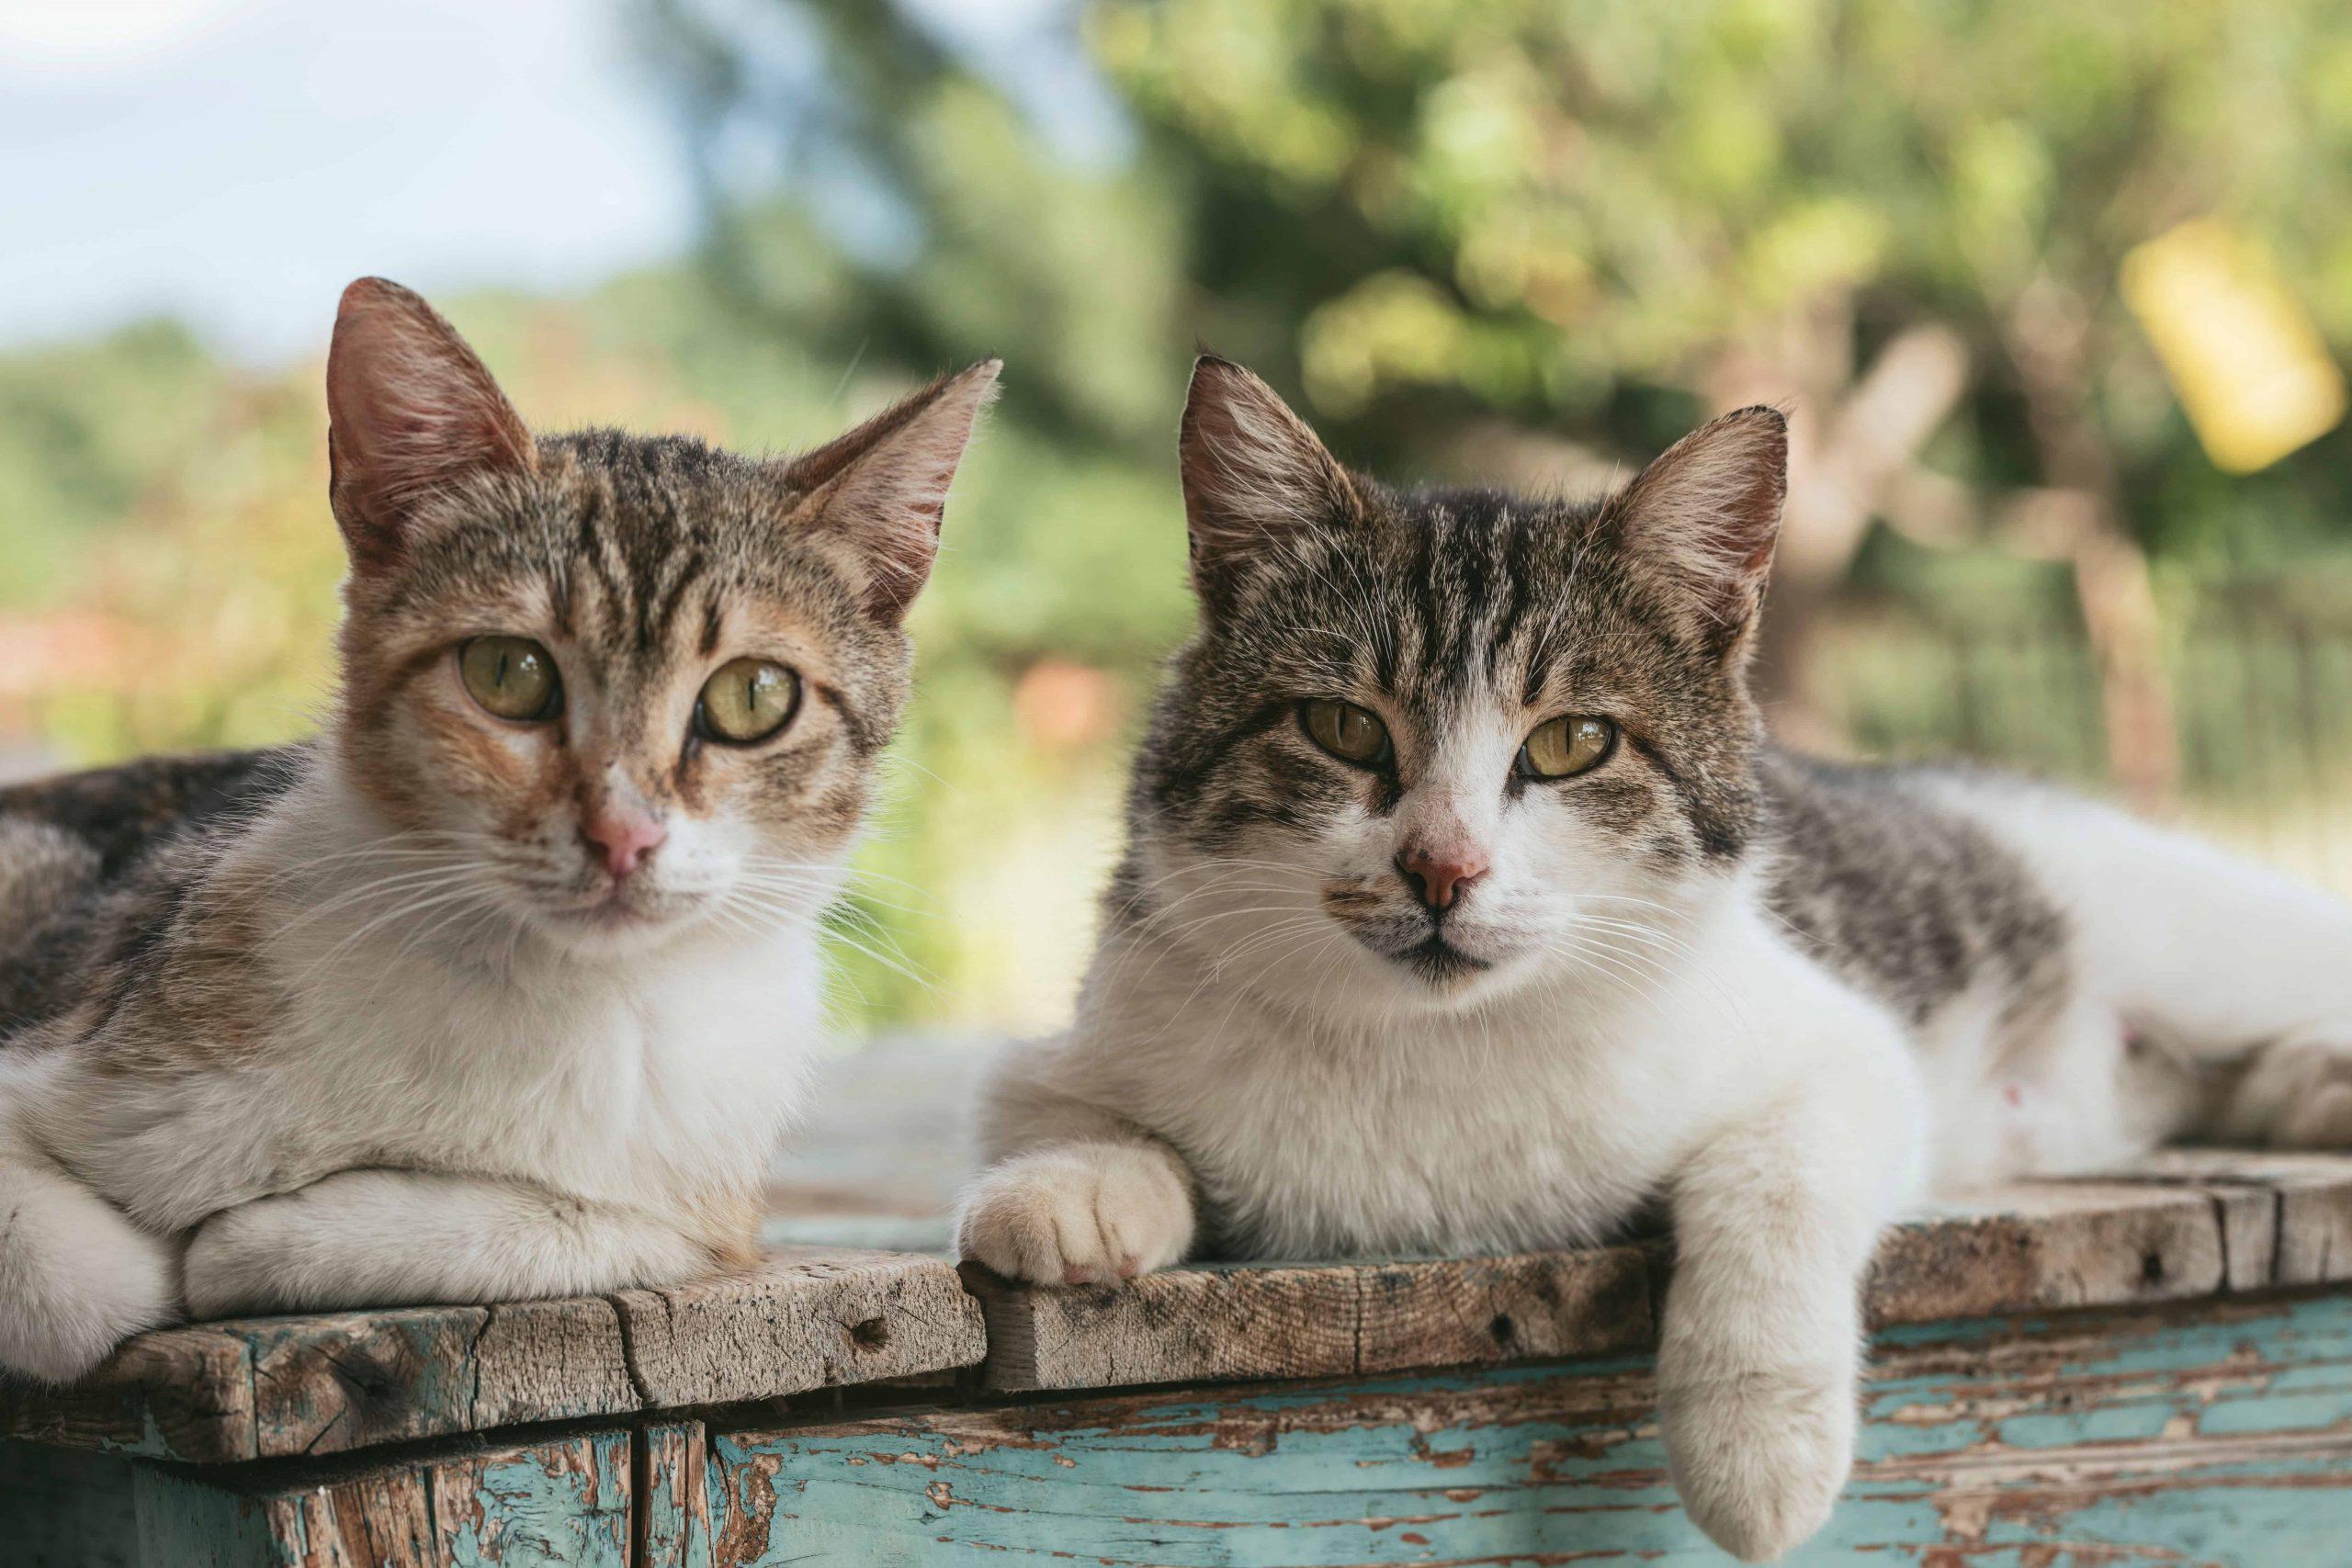 Miglior repellente per gatti 2020: Guida all'acquisto